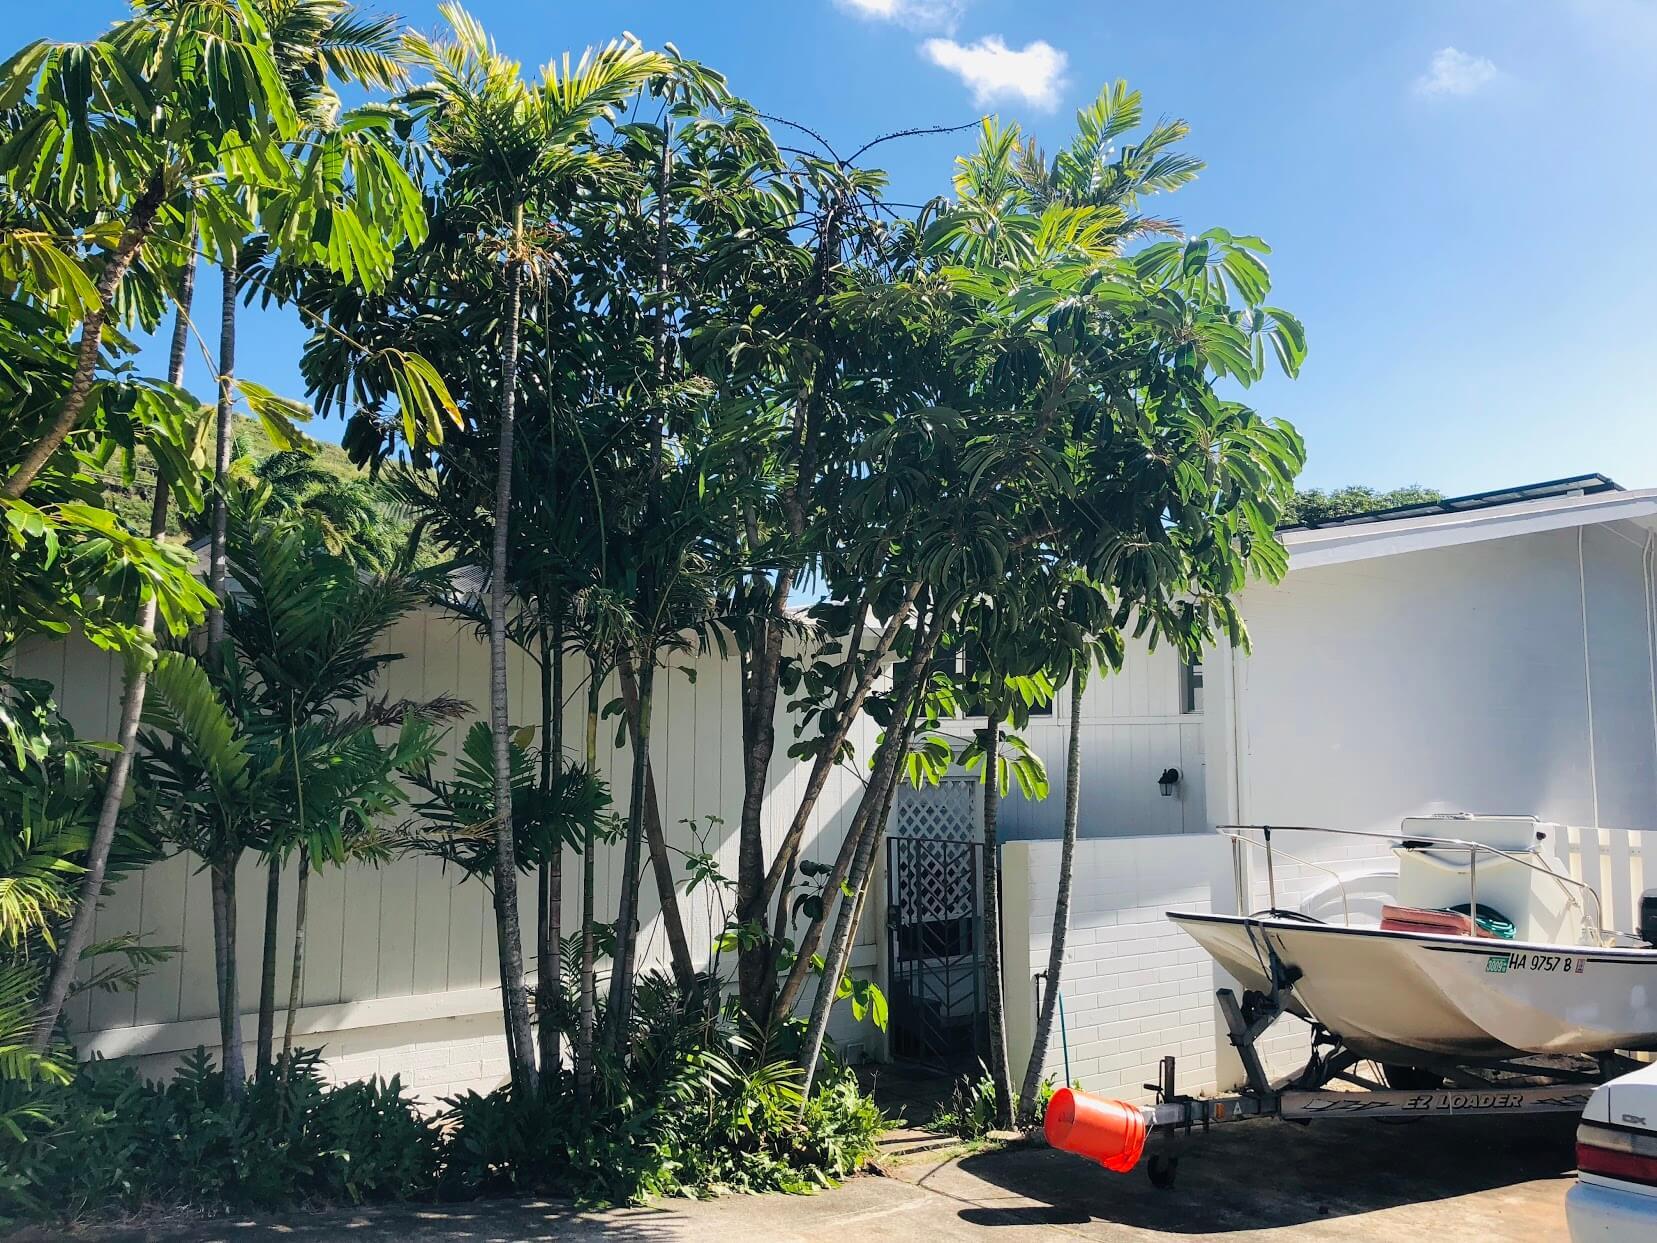 Hale Makani Kaiの樹木